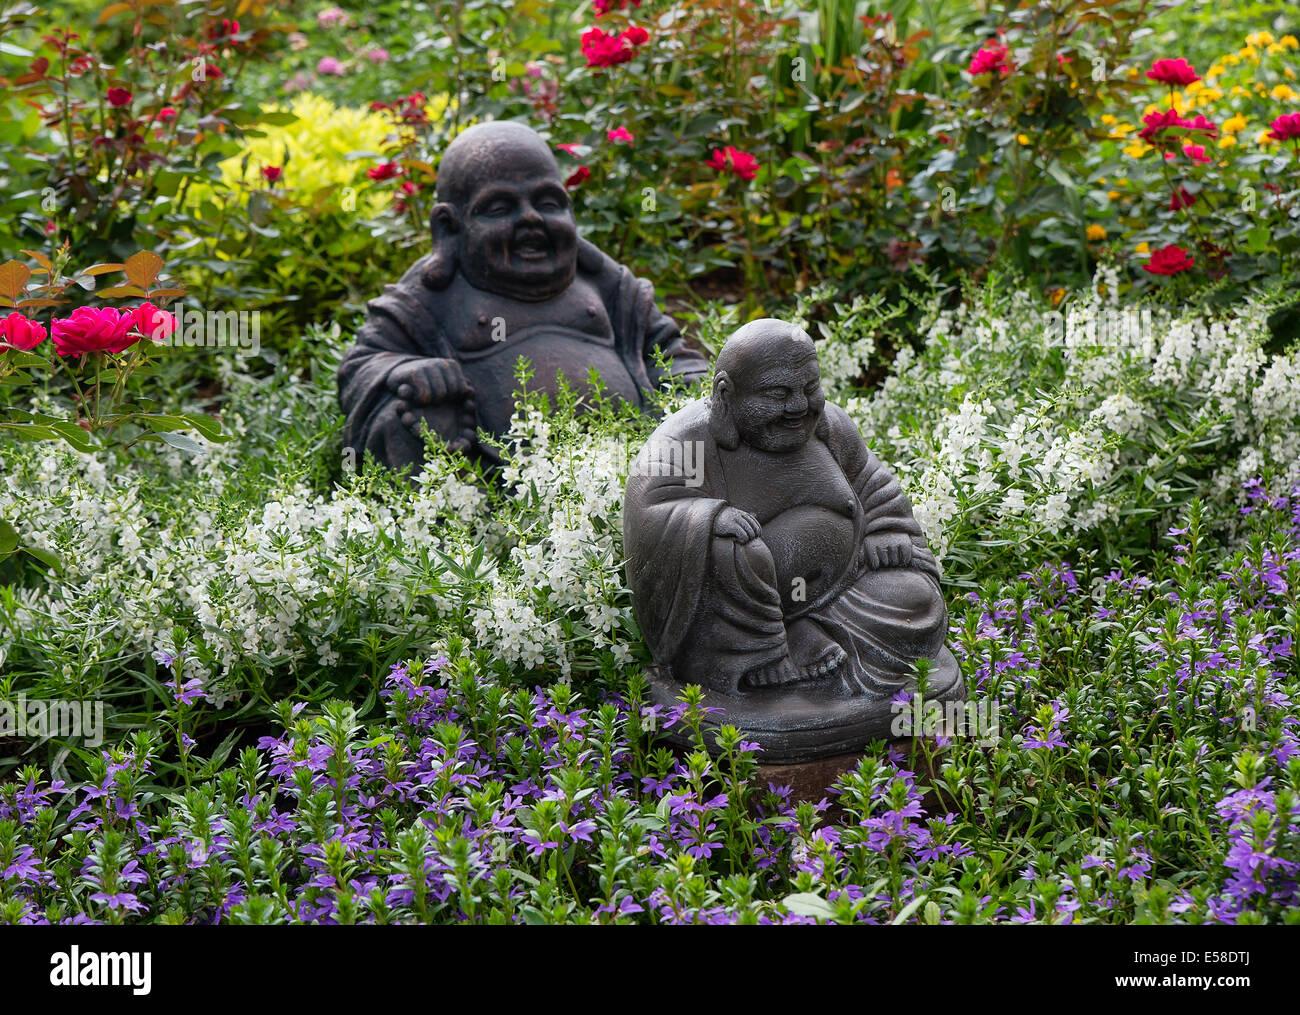 Jardin de fleurs en pleine floraison avec Bouddha sculpture. Photo Stock